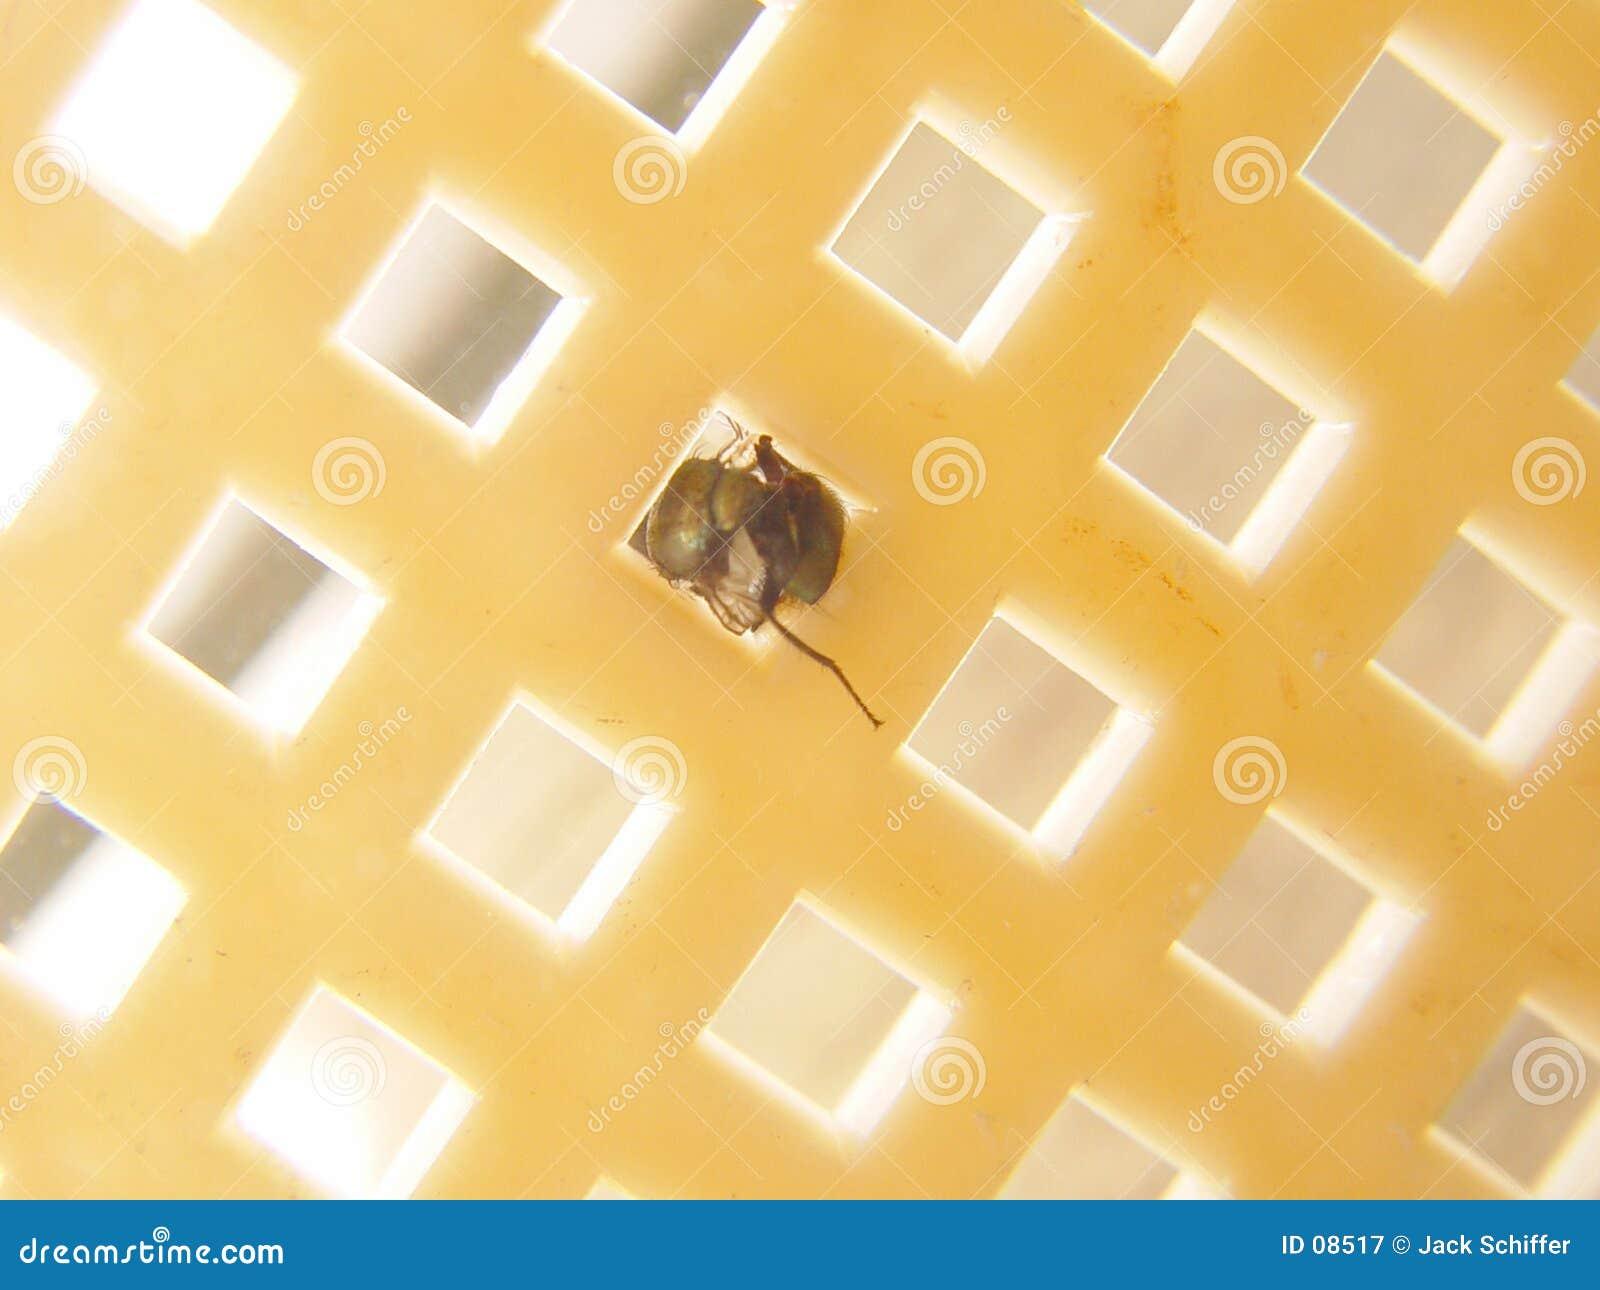 Runde Fliege in einem quadratischen Loch